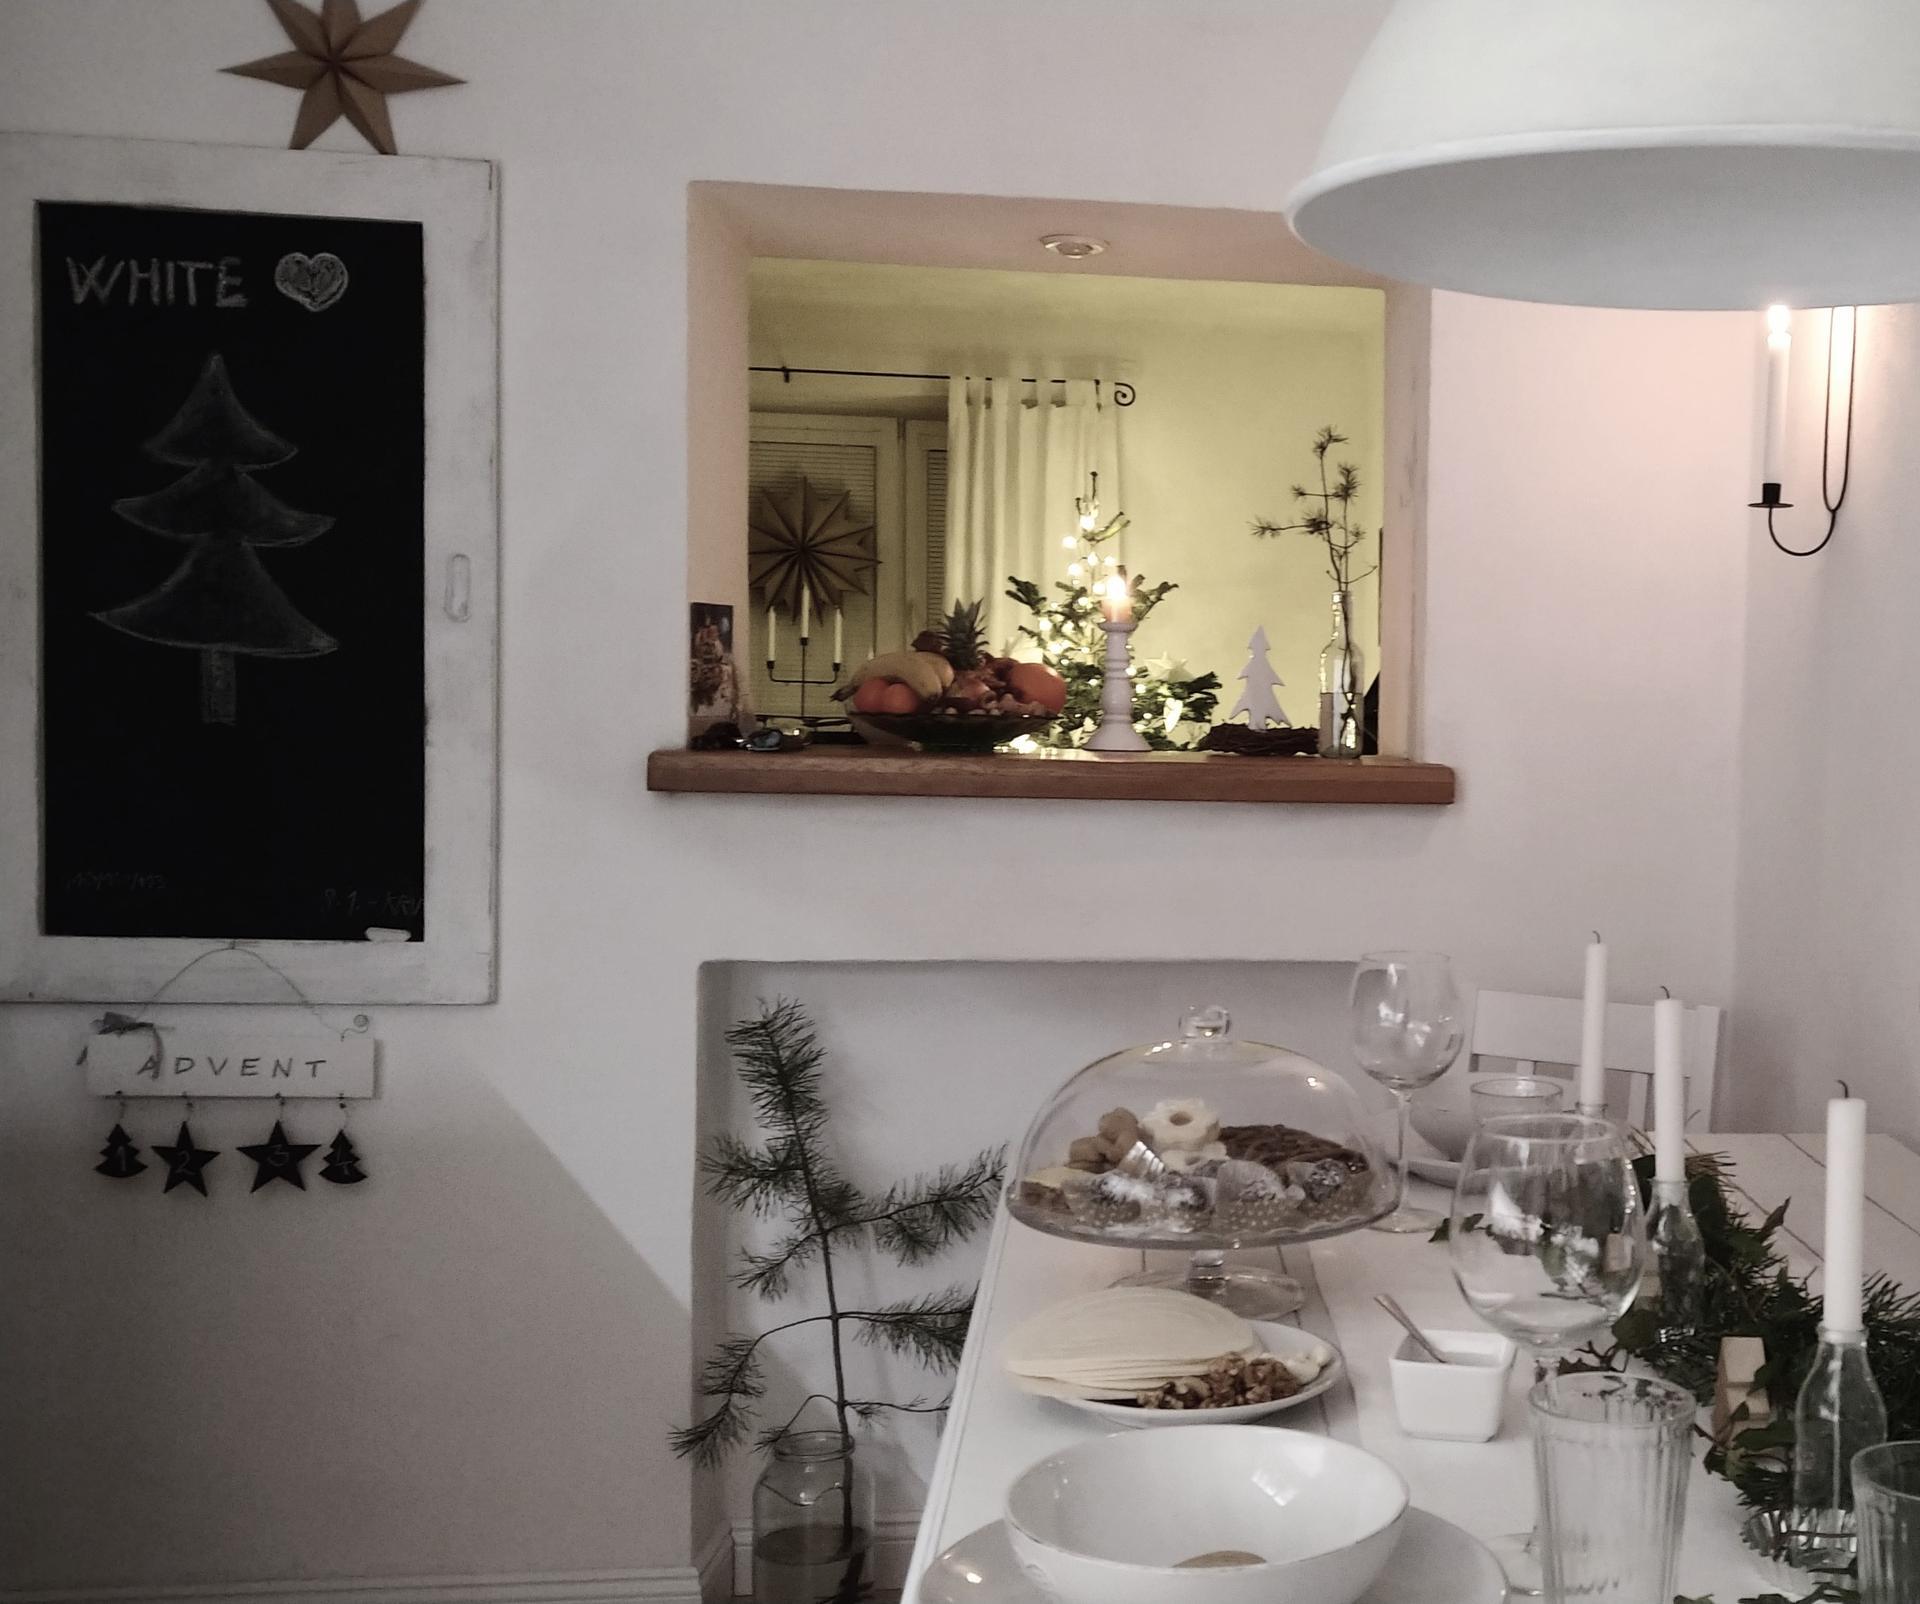 Vianočné dekorácie,advent a vianoce 2020 - Obrázok č. 49